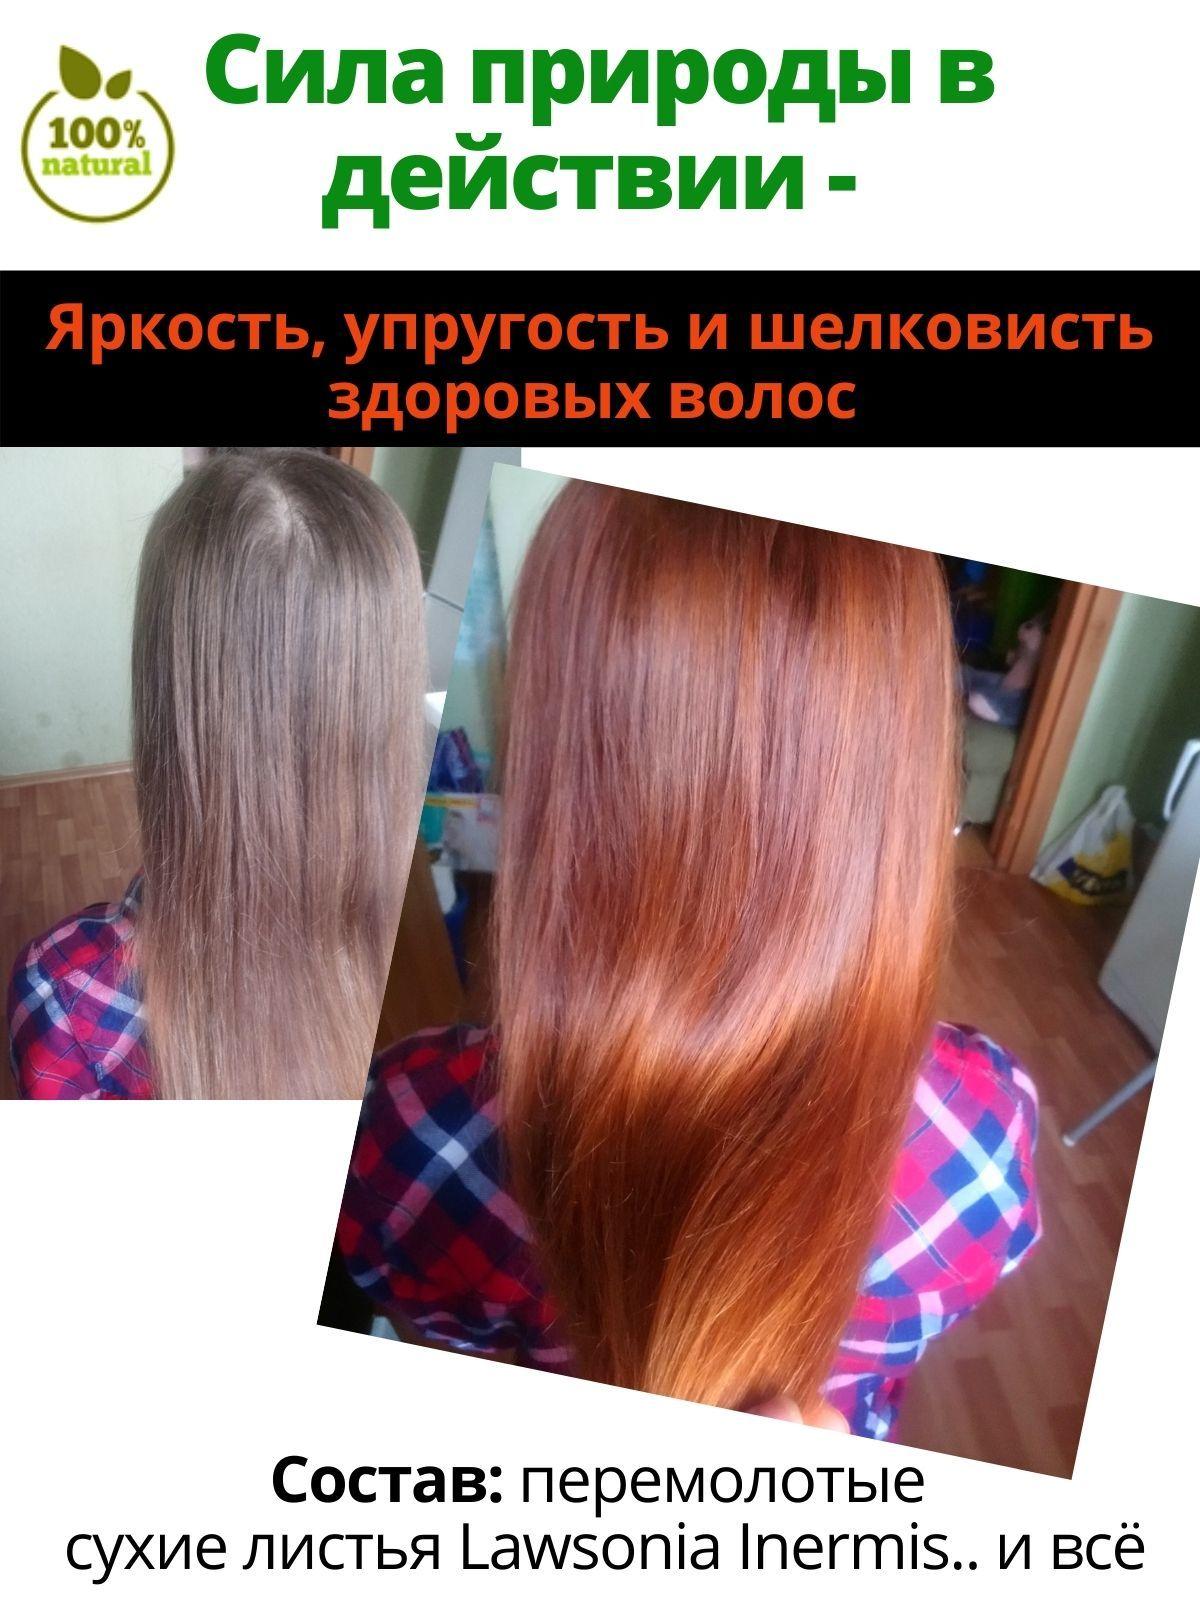 Хна - натуральная краска и оздоровление волос.